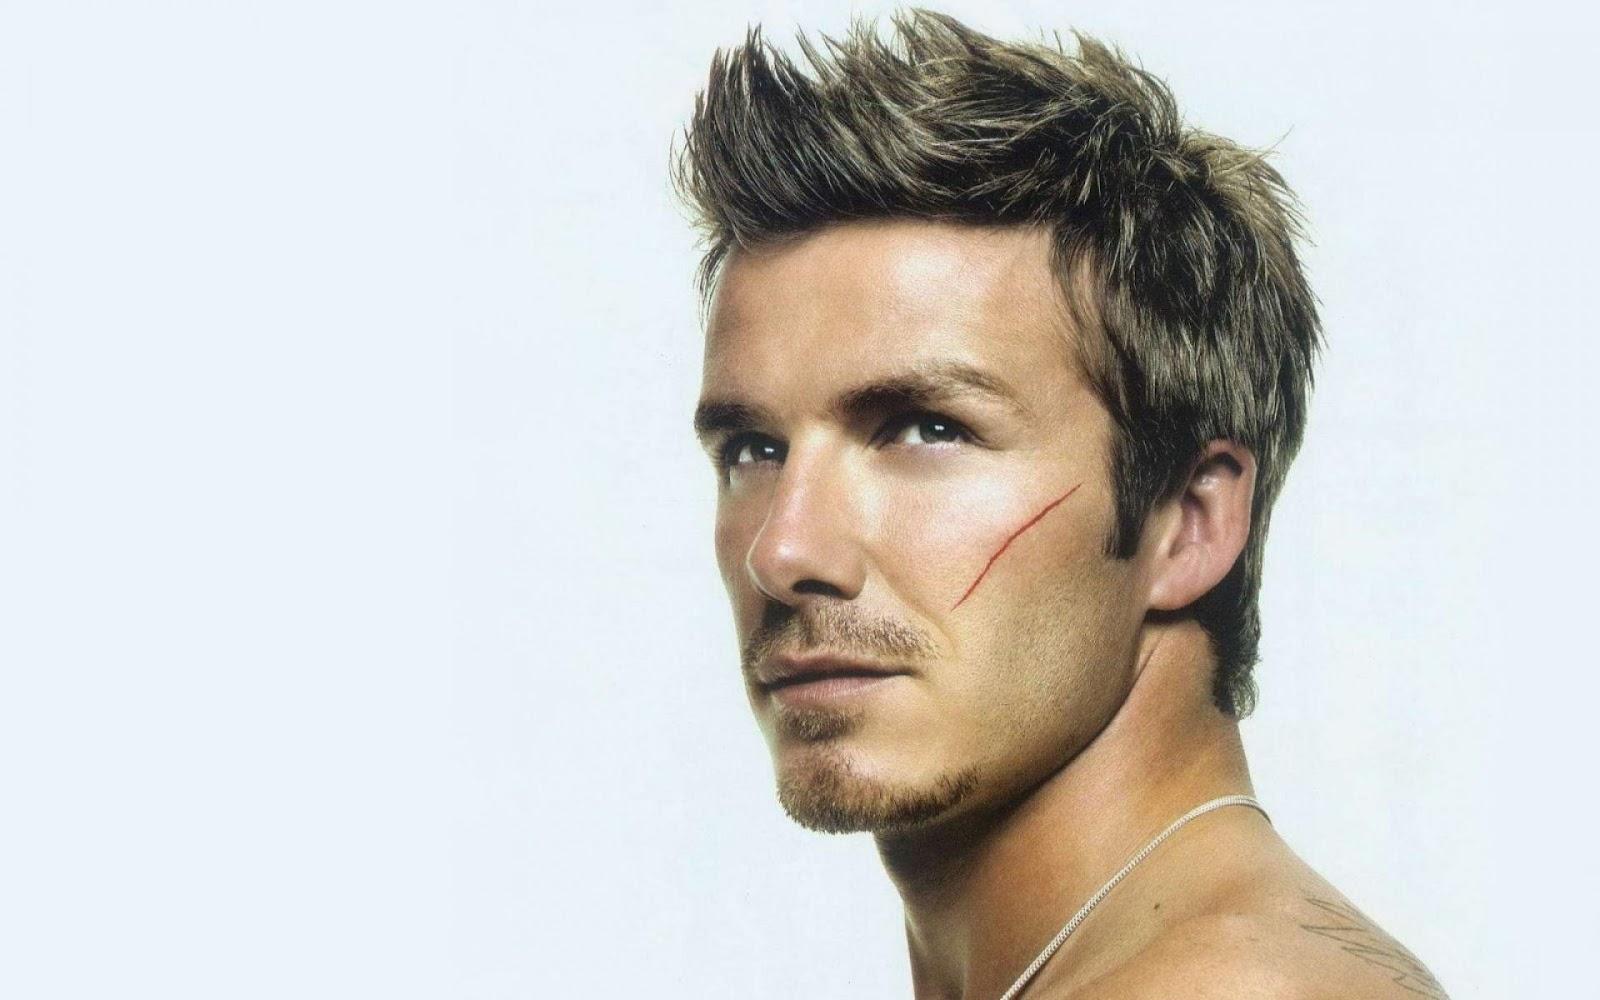 David Beckham Profile and David Beckham PicturesimagesPhotos 1600x1000